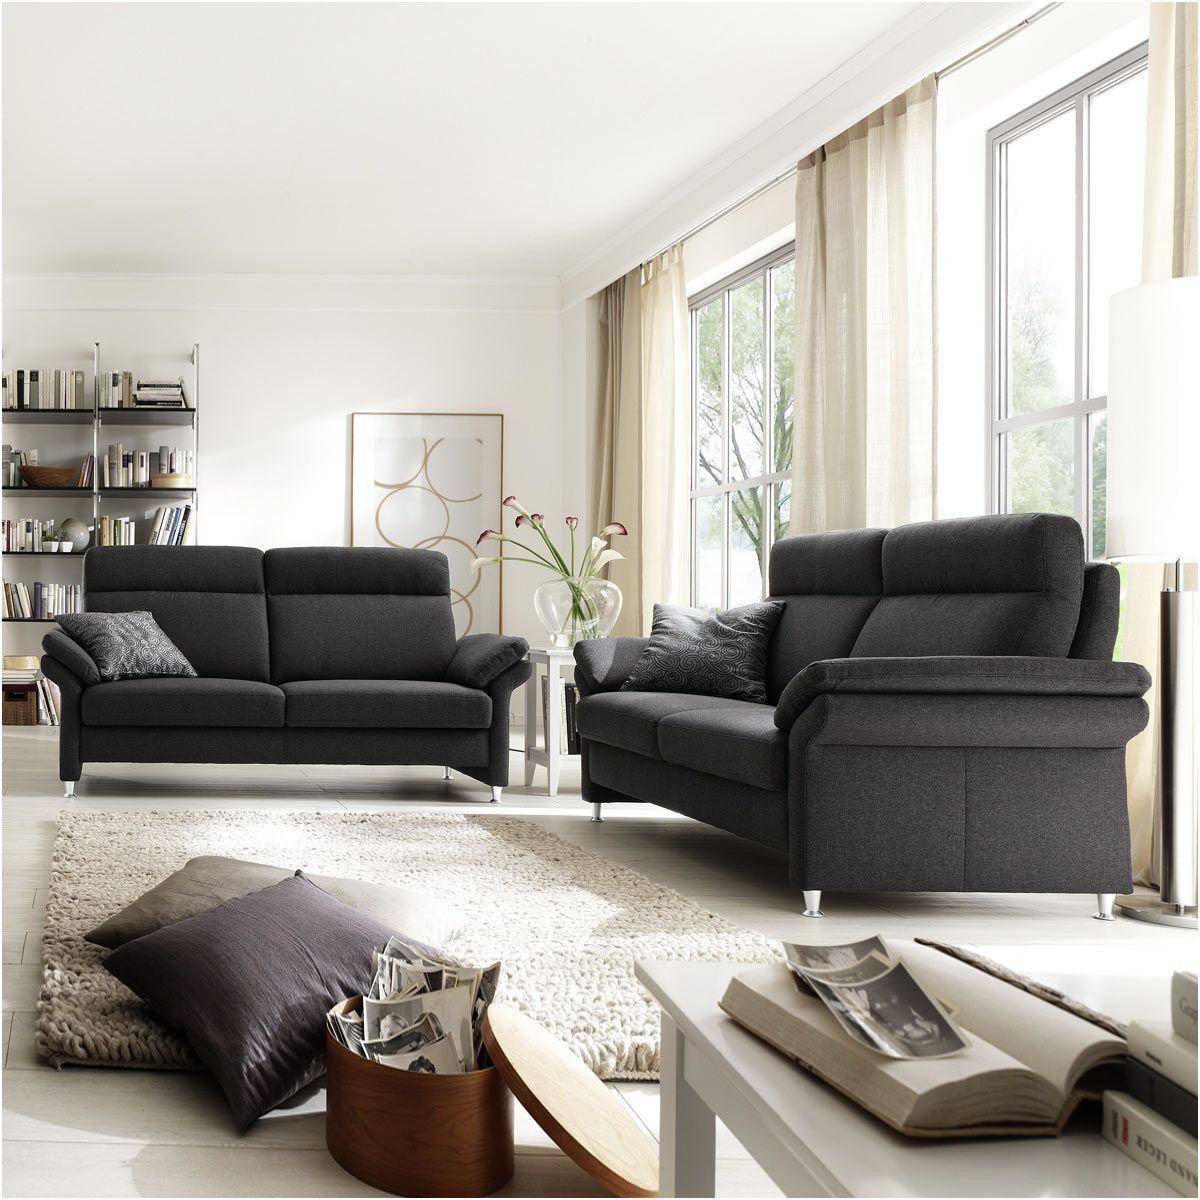 Faszinierend Moderne Couchgarnituren Foto Von Qualified Otto Möbel Check More At Https://tridentbeauties.org/otto